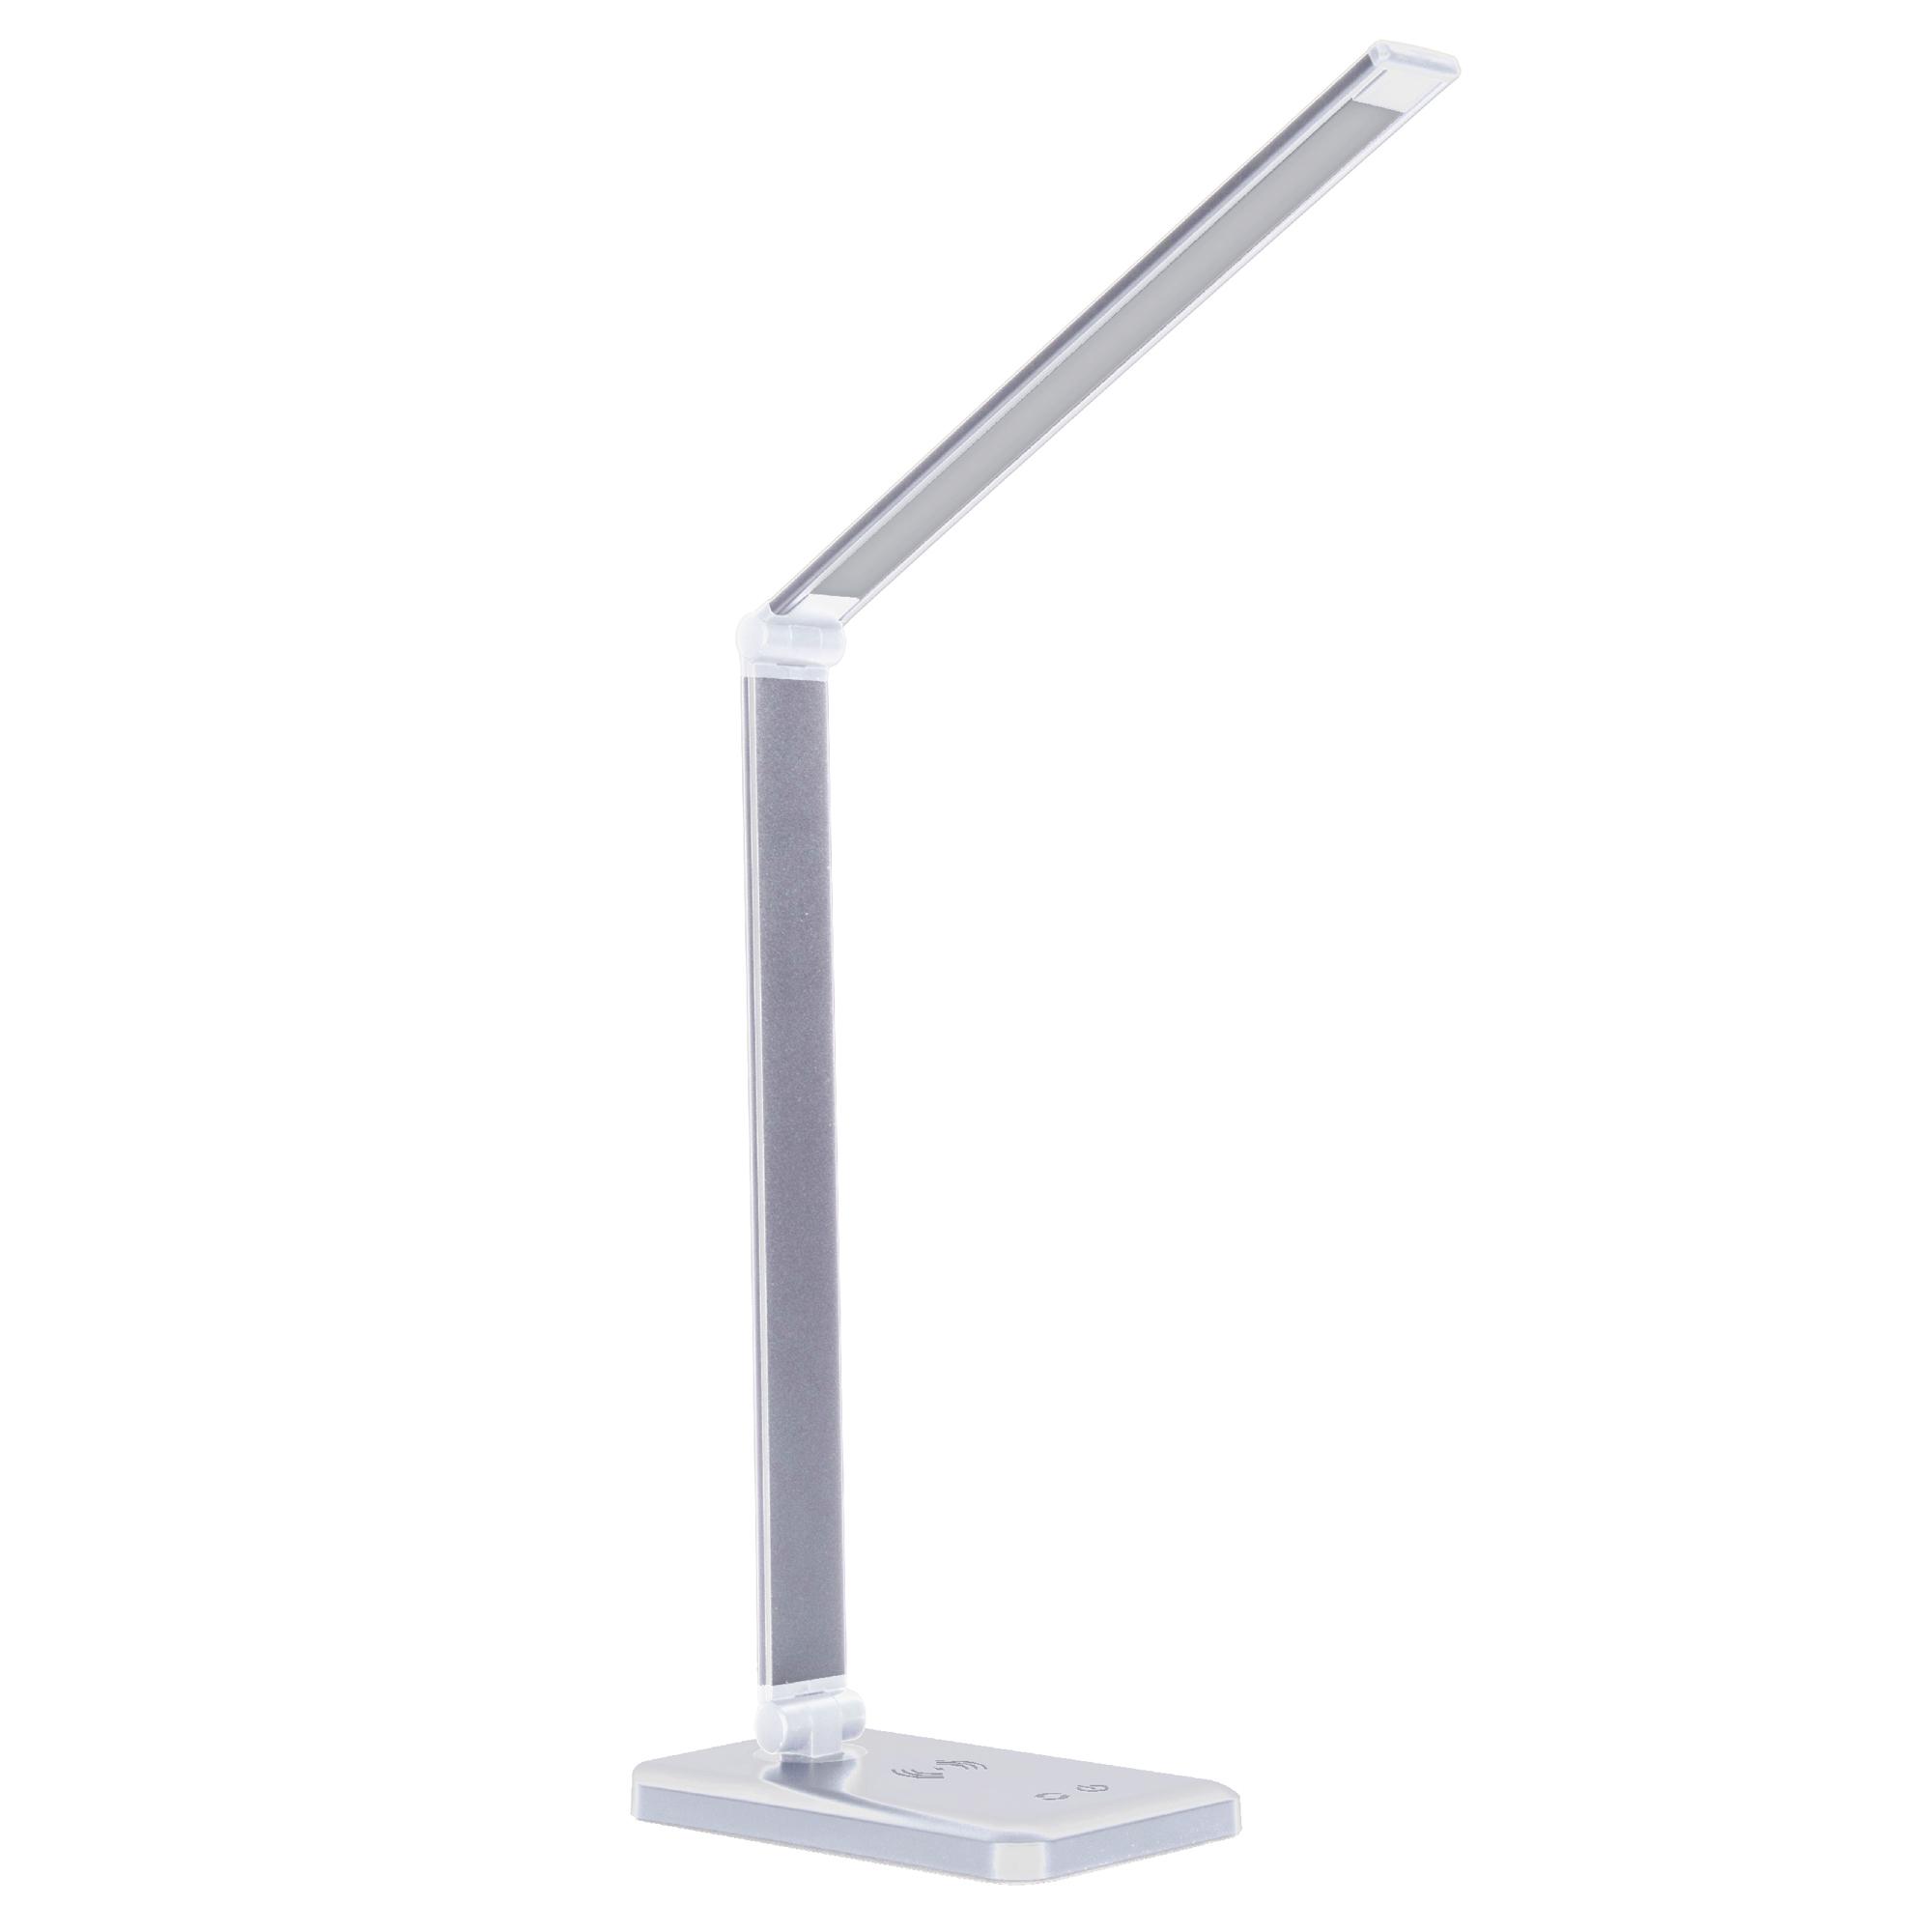 Светодиодный настольный светильник СТАРТ CT302 белый, LED 10Вт, беспроводная зарядка Qi